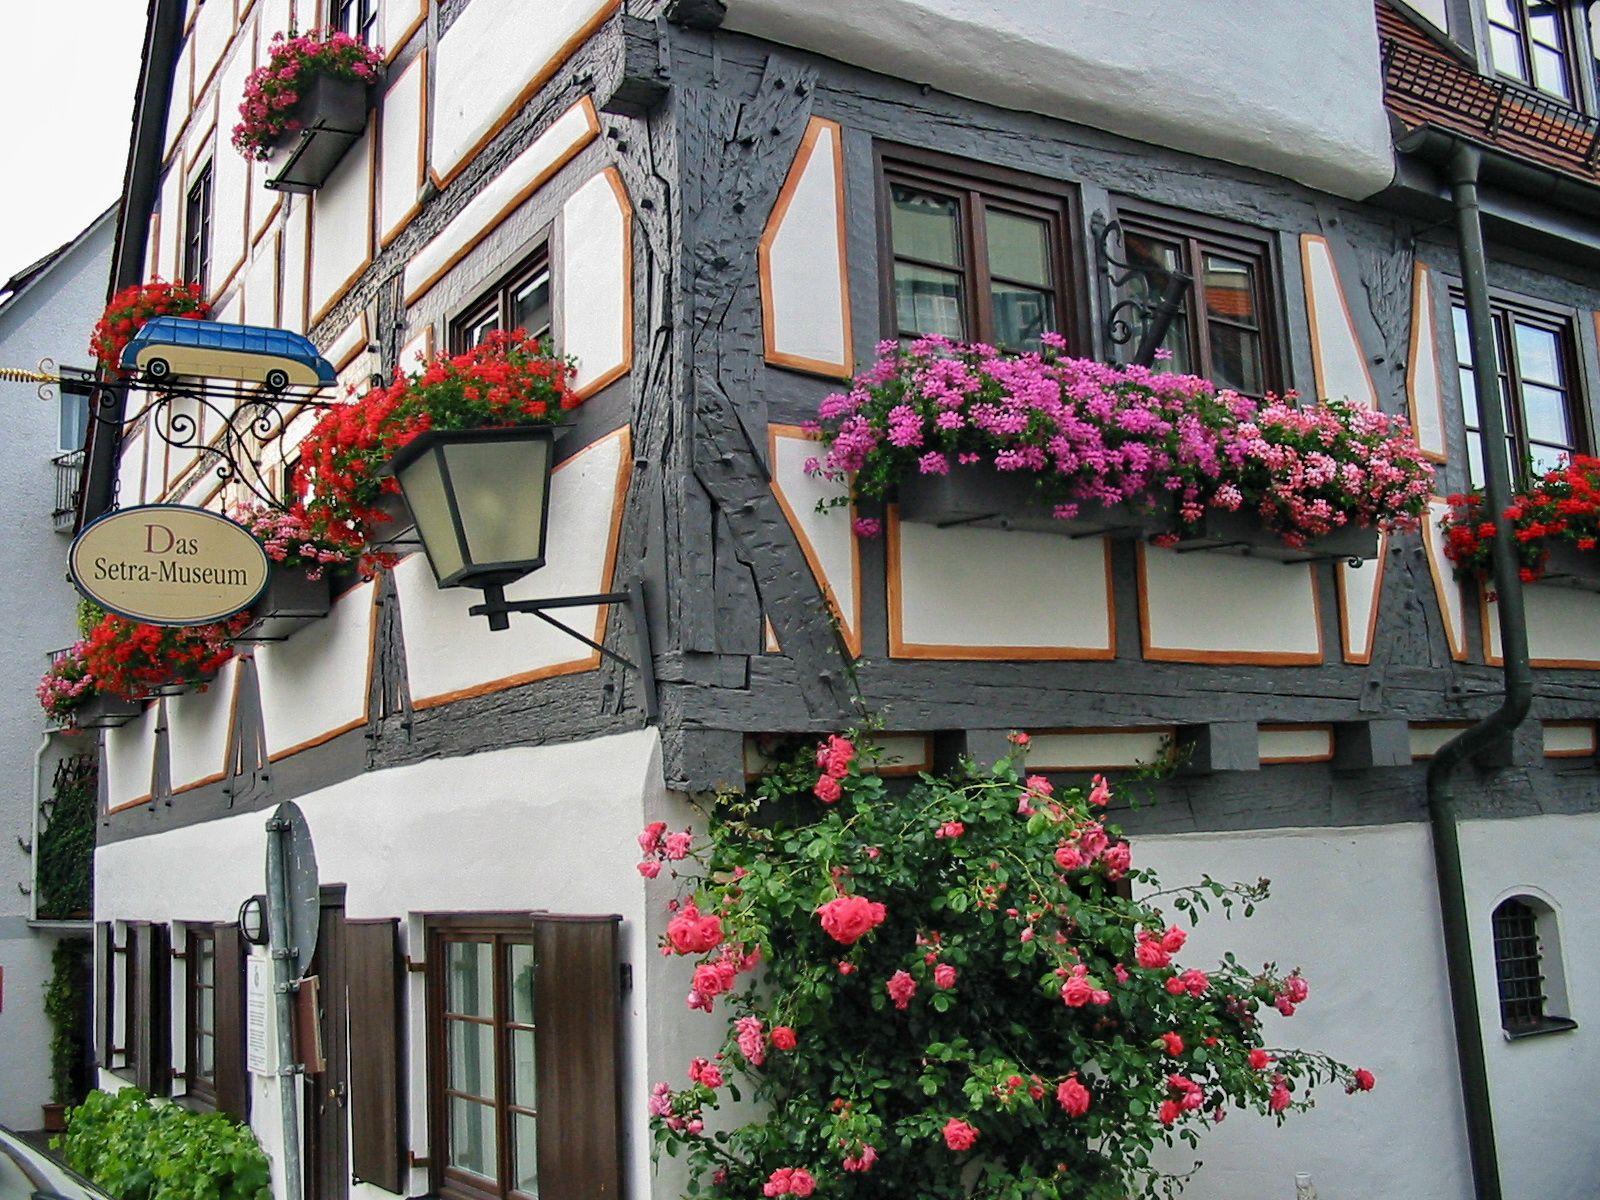 Ulm, Germany Ulm, Ulmer münster, Neu ulm